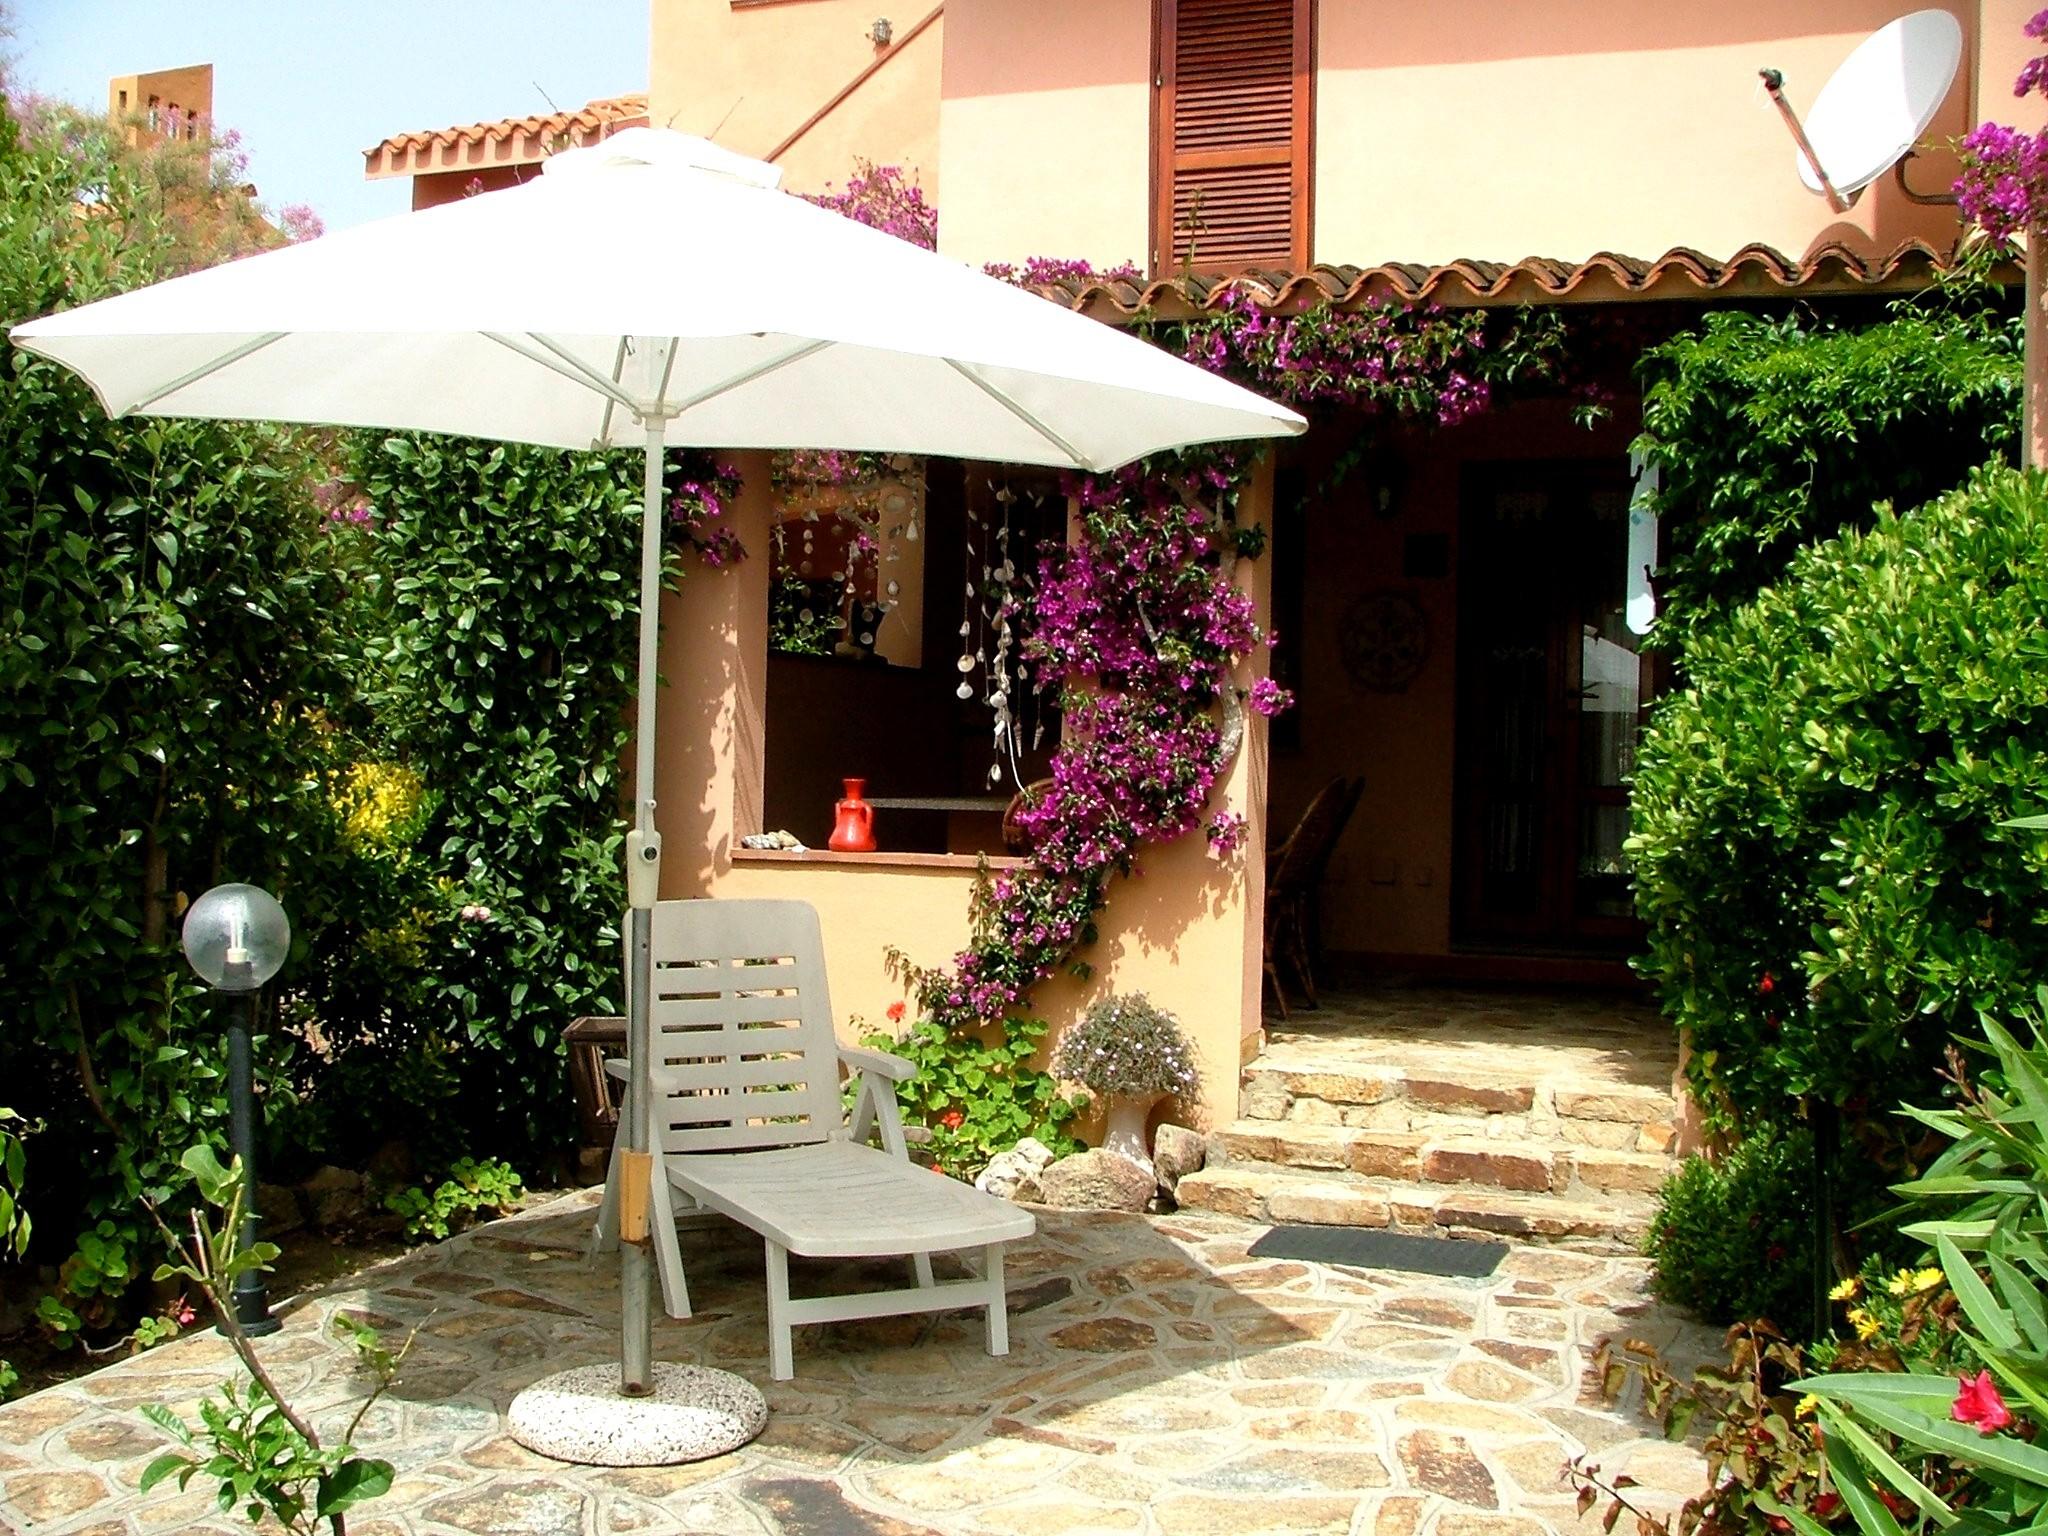 Vendita casa indipendente porto ottiolu olbia tempio for Case porto ottiolu vendita